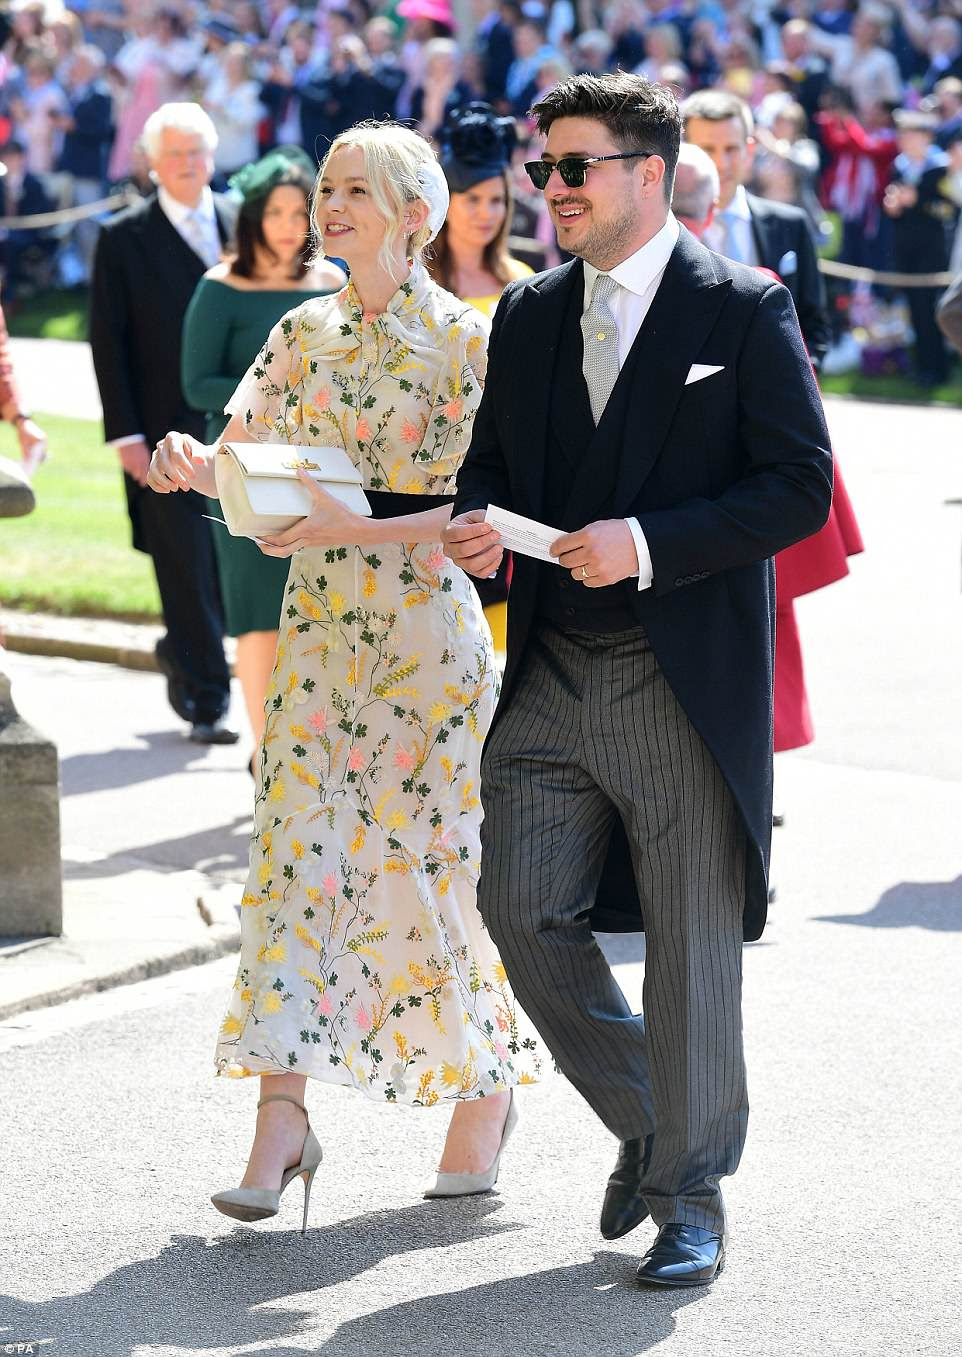 Estrellas británicas: la actriz de The Great Gatsby Carey Mulligan y su esposo Marcus Mumford, de Mumford and Sons se unen a una serie de celebridades y figuras públicas para la lista de invitados de la boda llena de estrellas